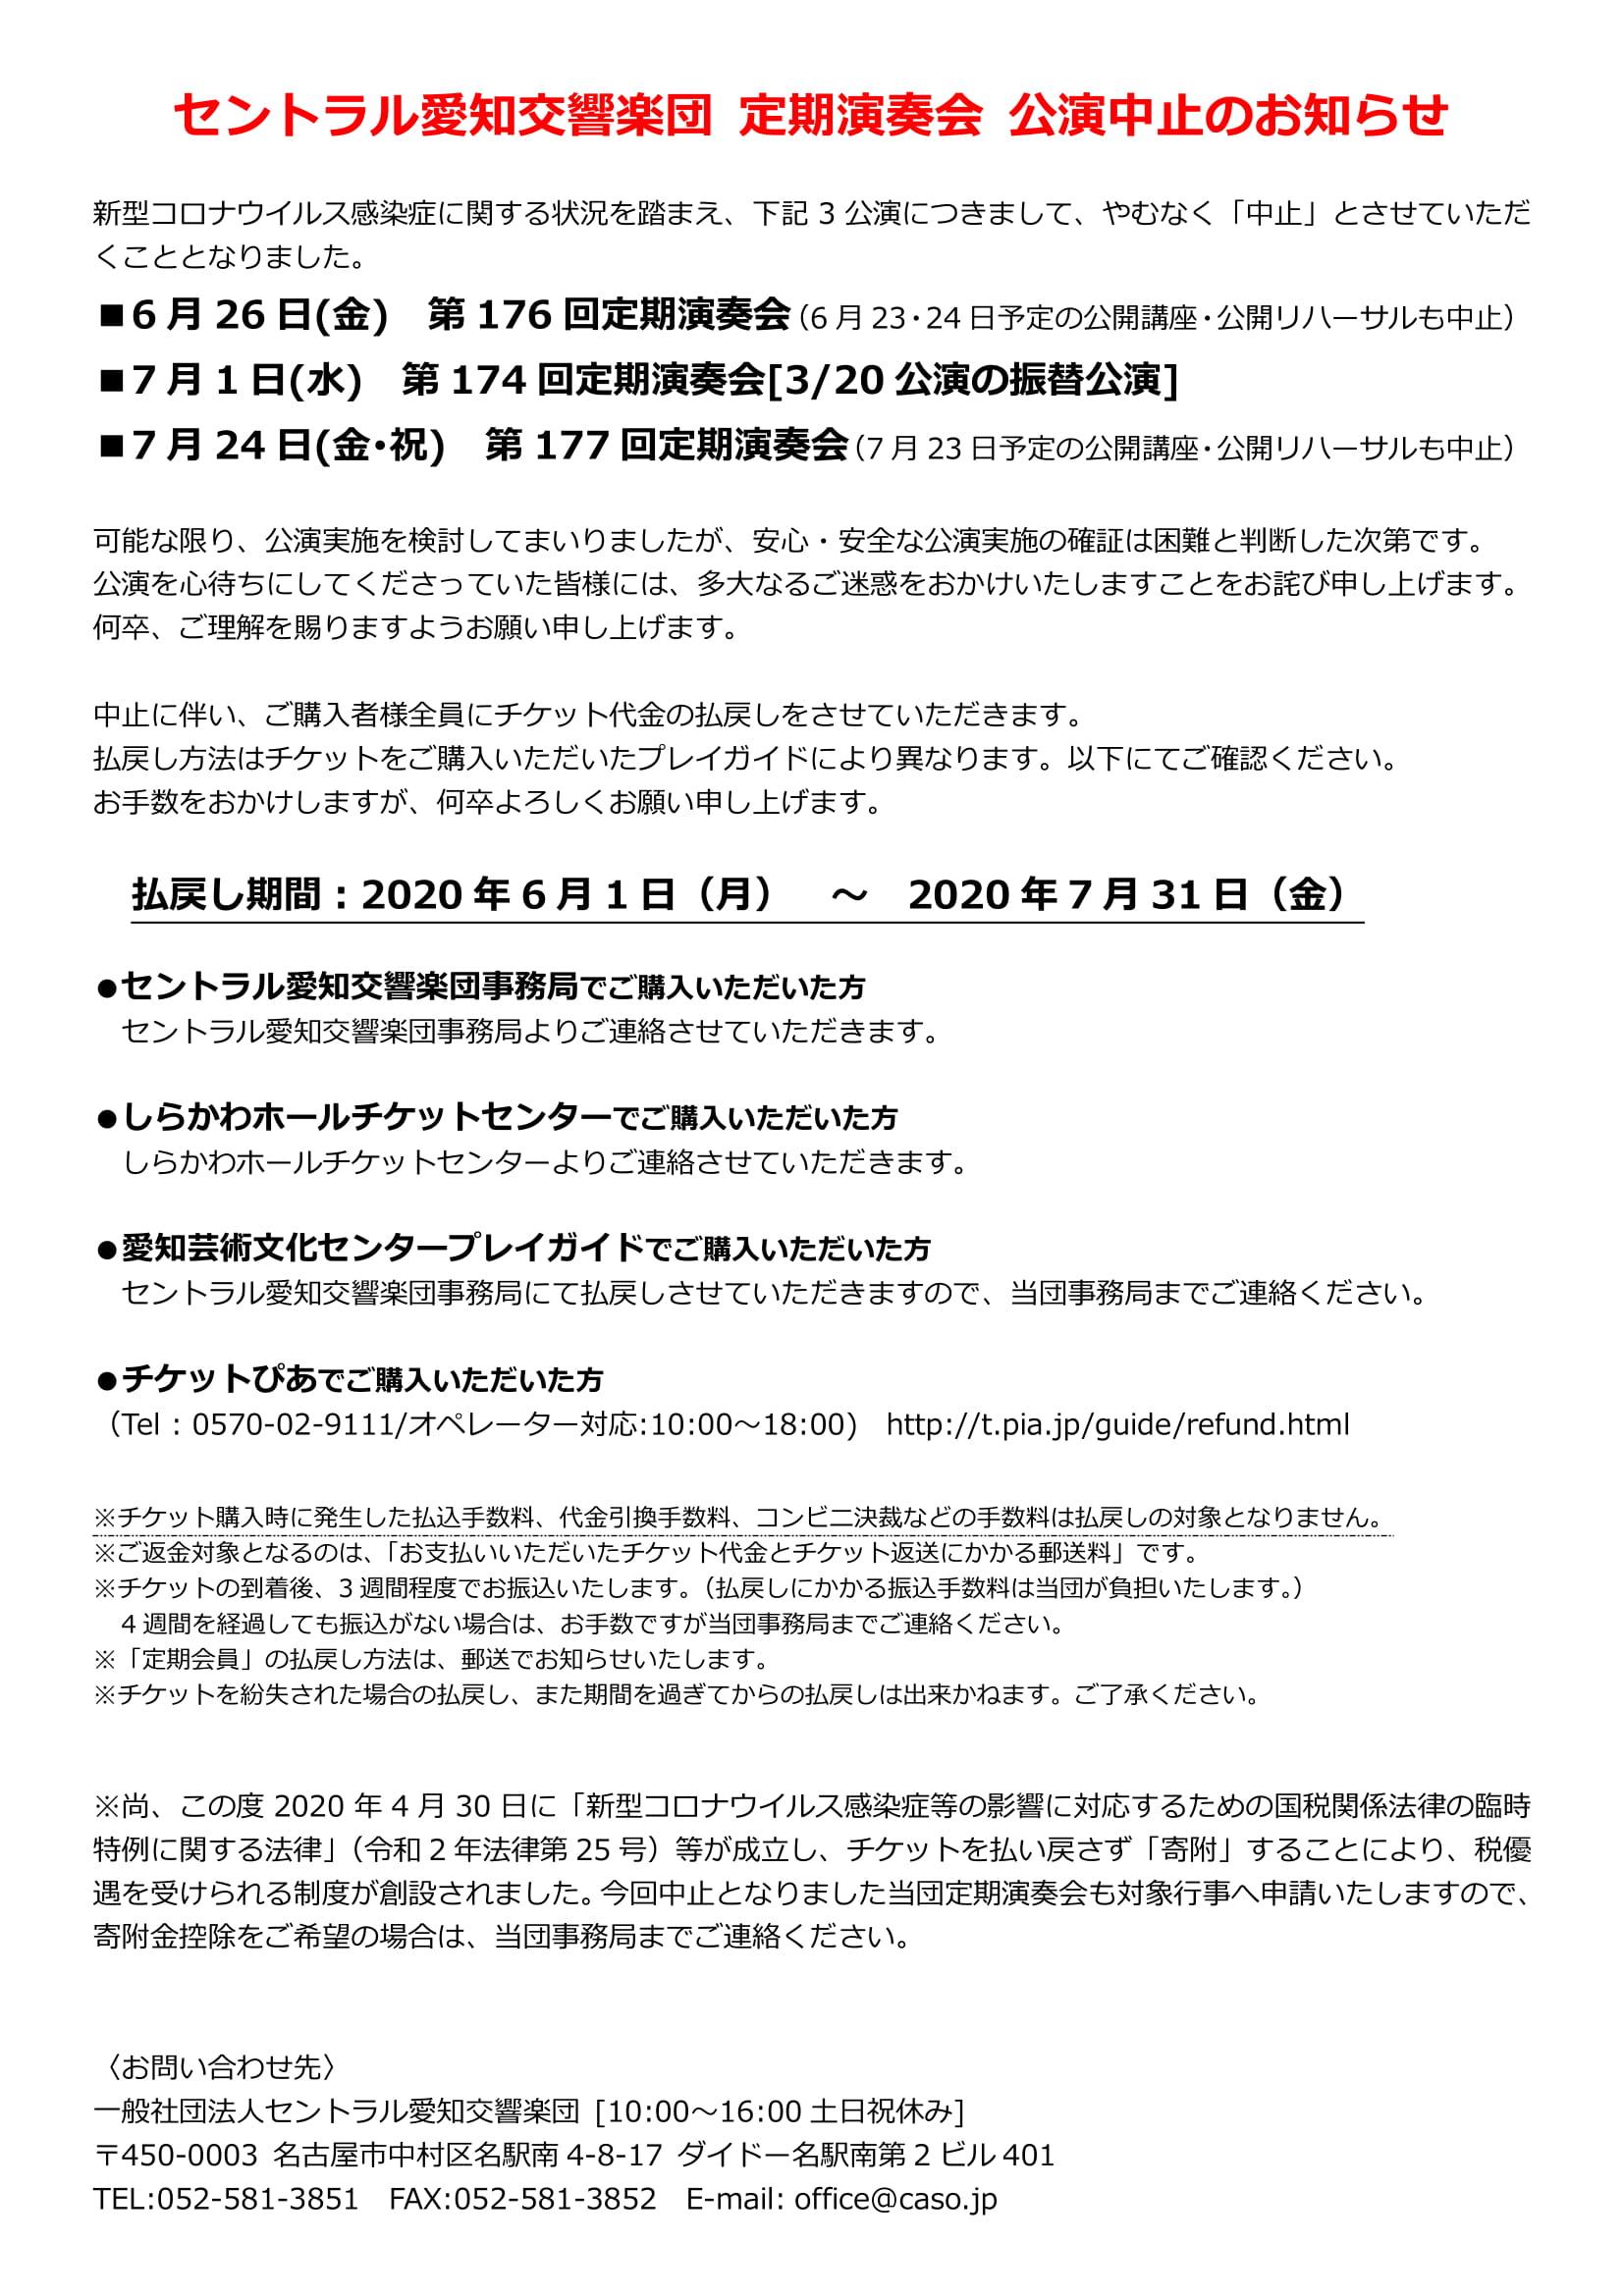 【公演中止】第174回定期演奏会~隠された伝説の再創造~